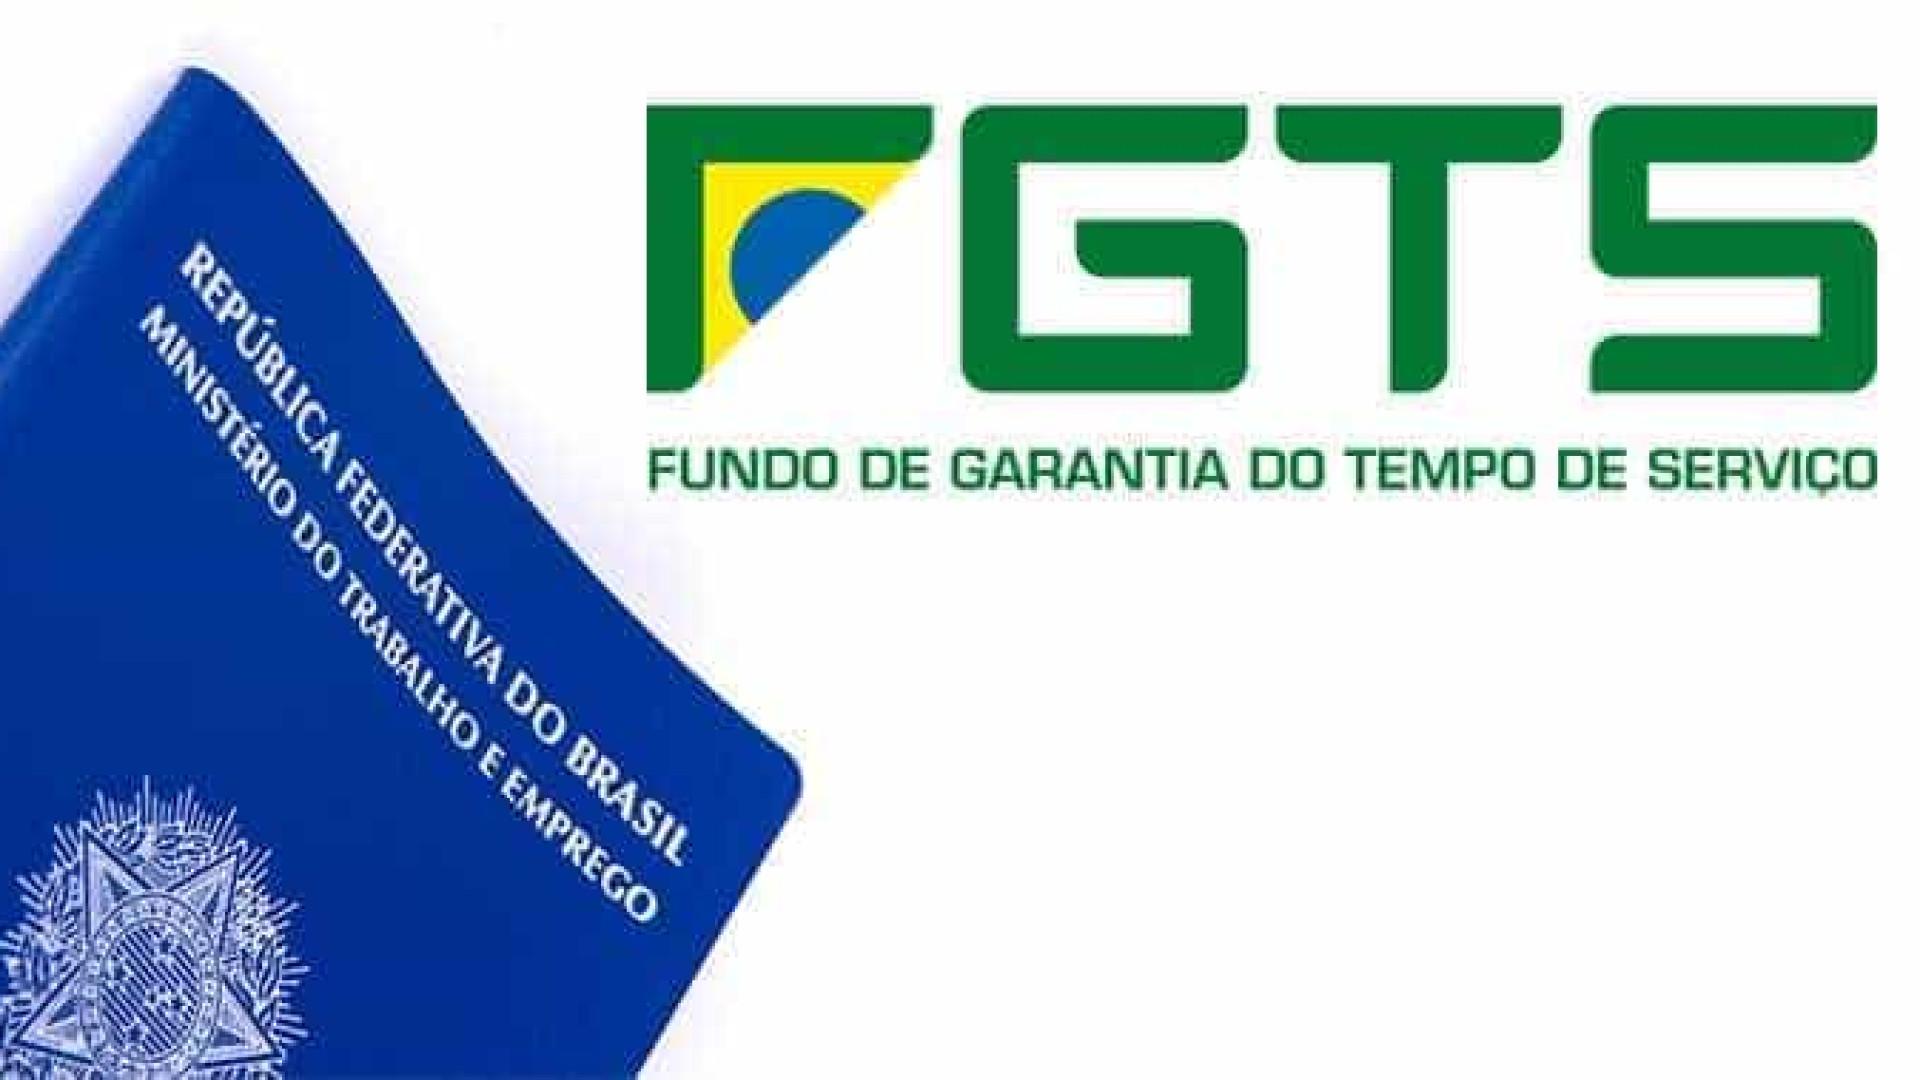 Caixa antecipa pagamento de saque do FGTS a todos os trabalhadores